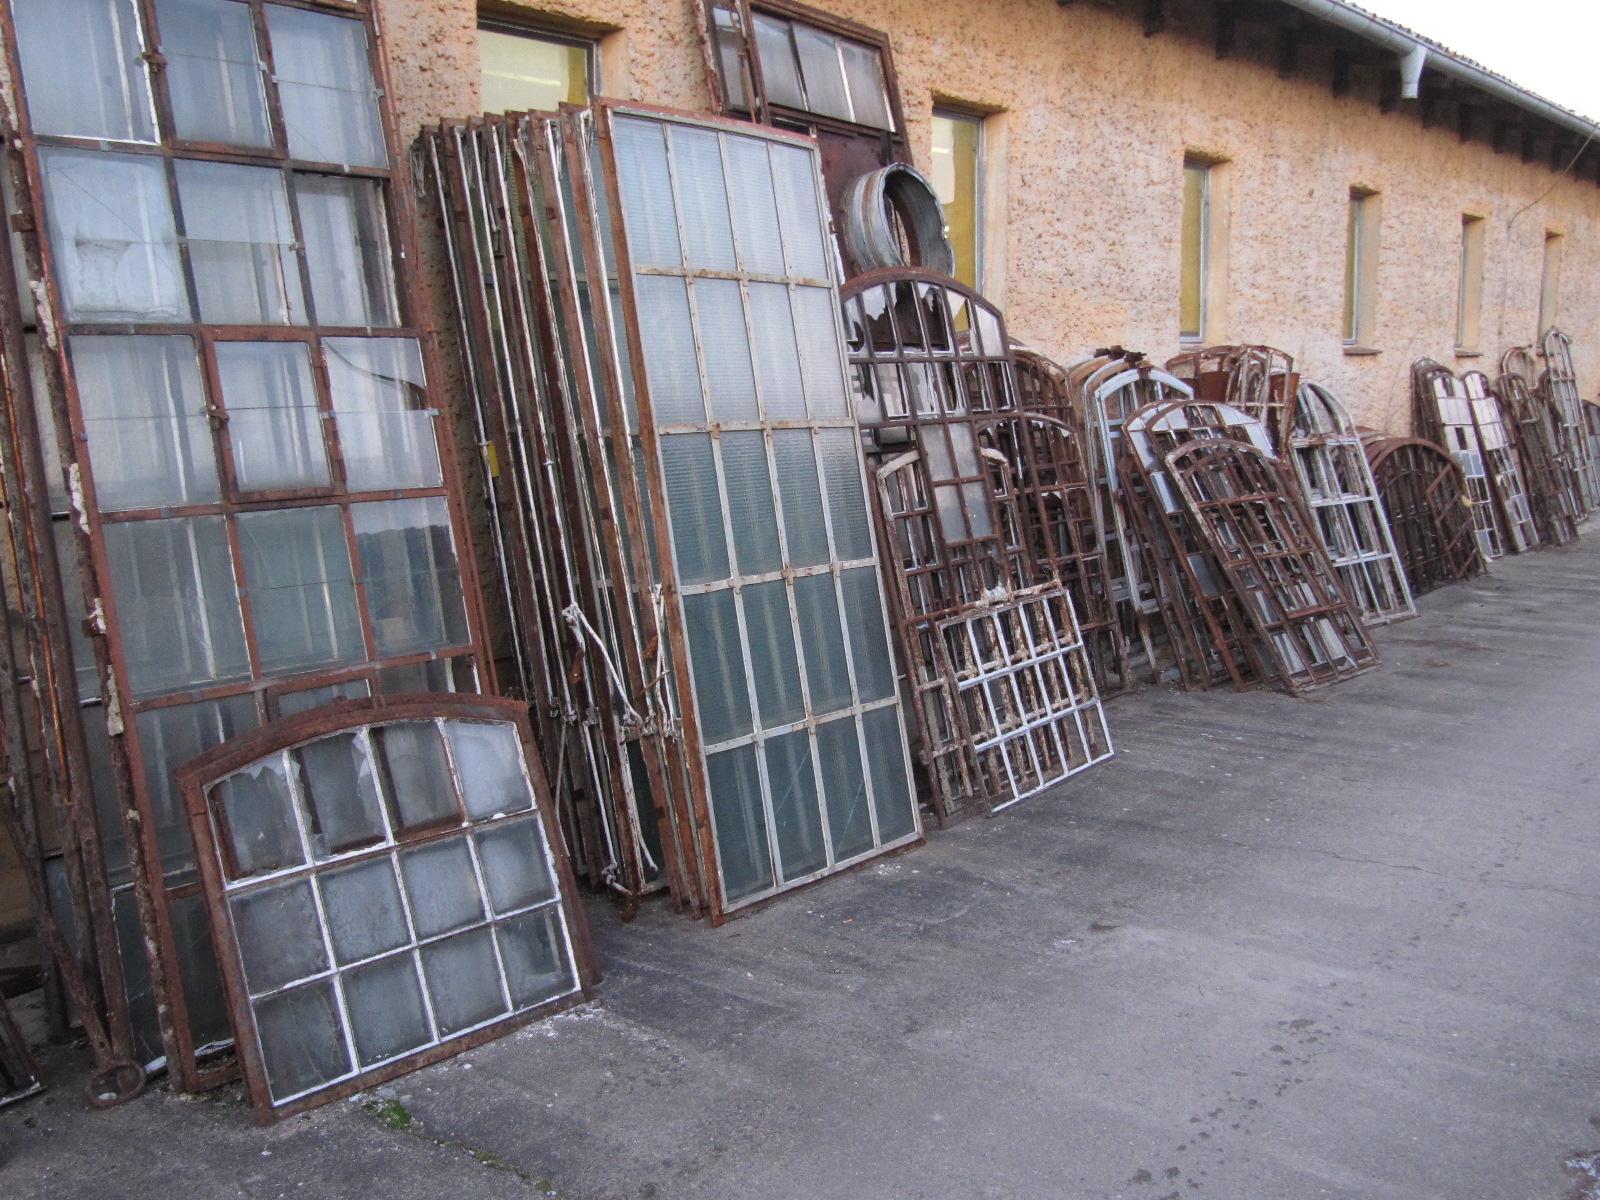 Bauelemente Berlin große auswahl an metallfenstern preise ab historische bauelemente